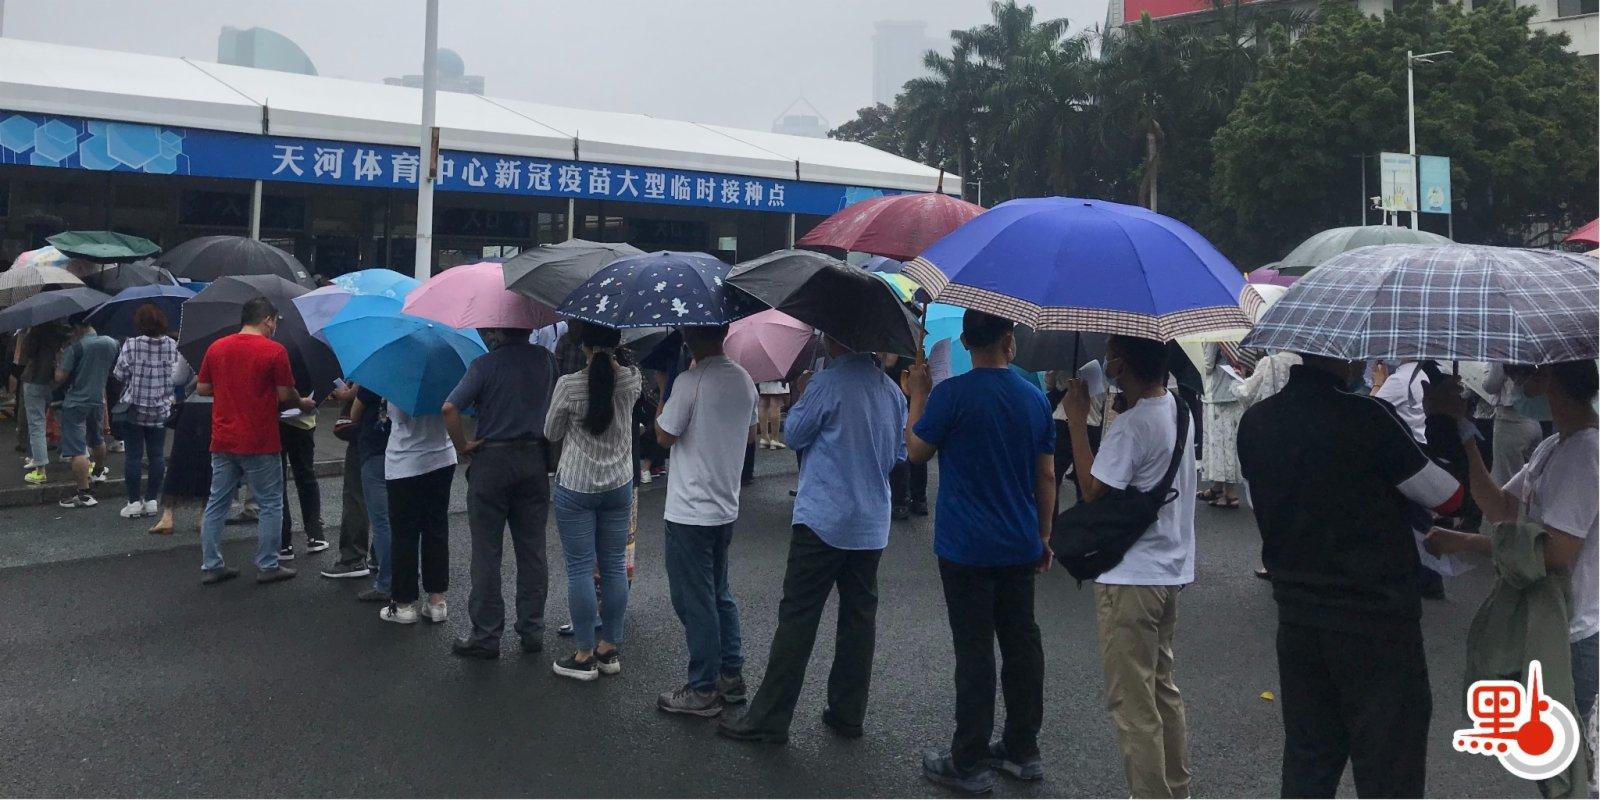 記者直擊 廣州最大疫苗接種點啟用 市民冒雨踴躍接種